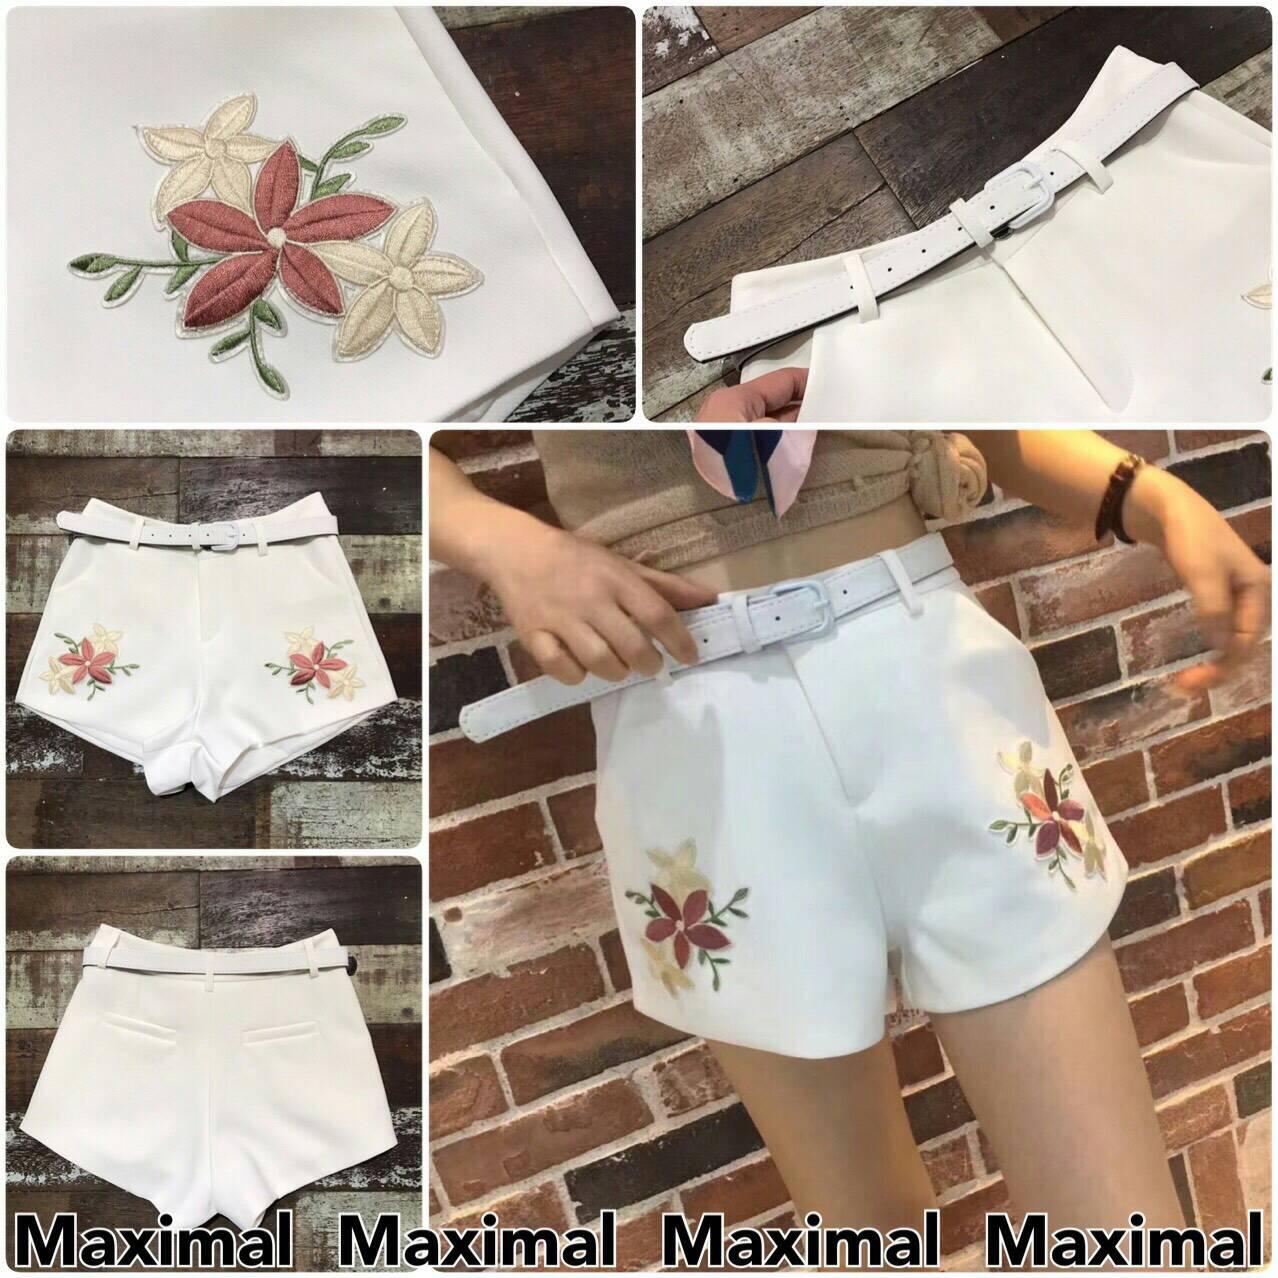 *กางเกงขาสั้นปักลายดอกไม้พร้อมเข็มขัด*